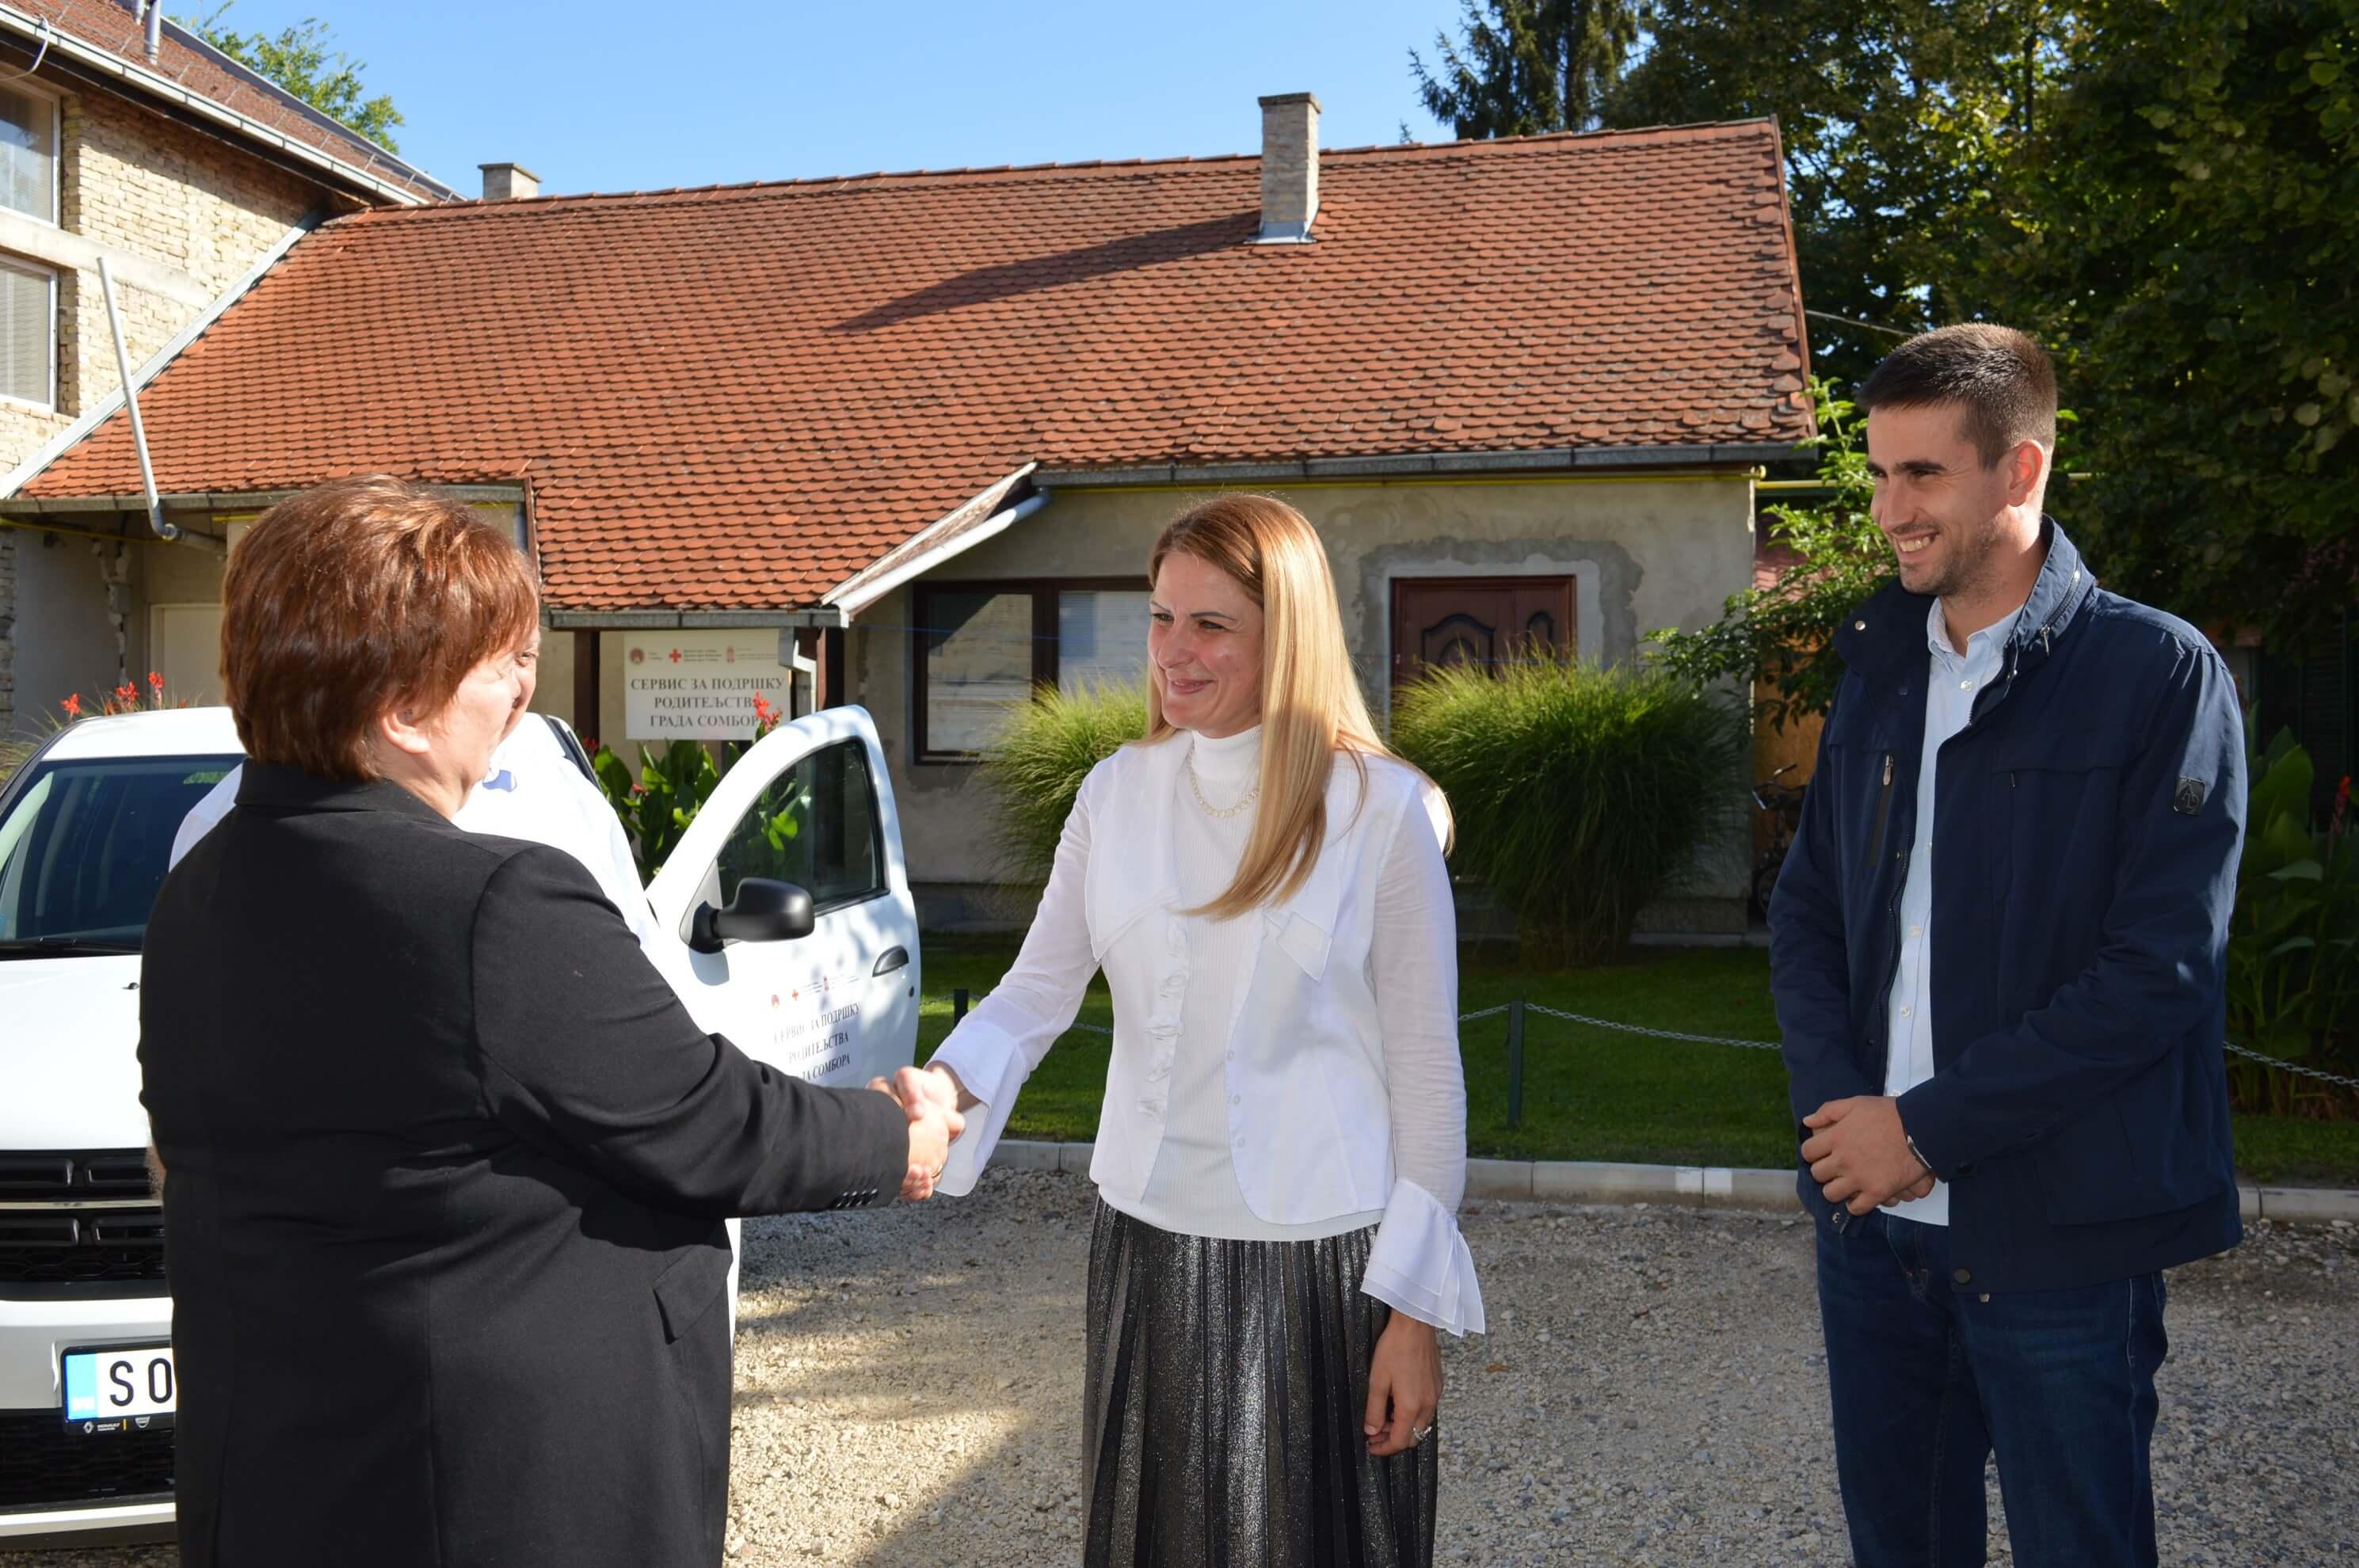 Gradonačelnica Dušanka Golubović predala je ključeve vozila predstavnicima Crvenog krsta Sombor